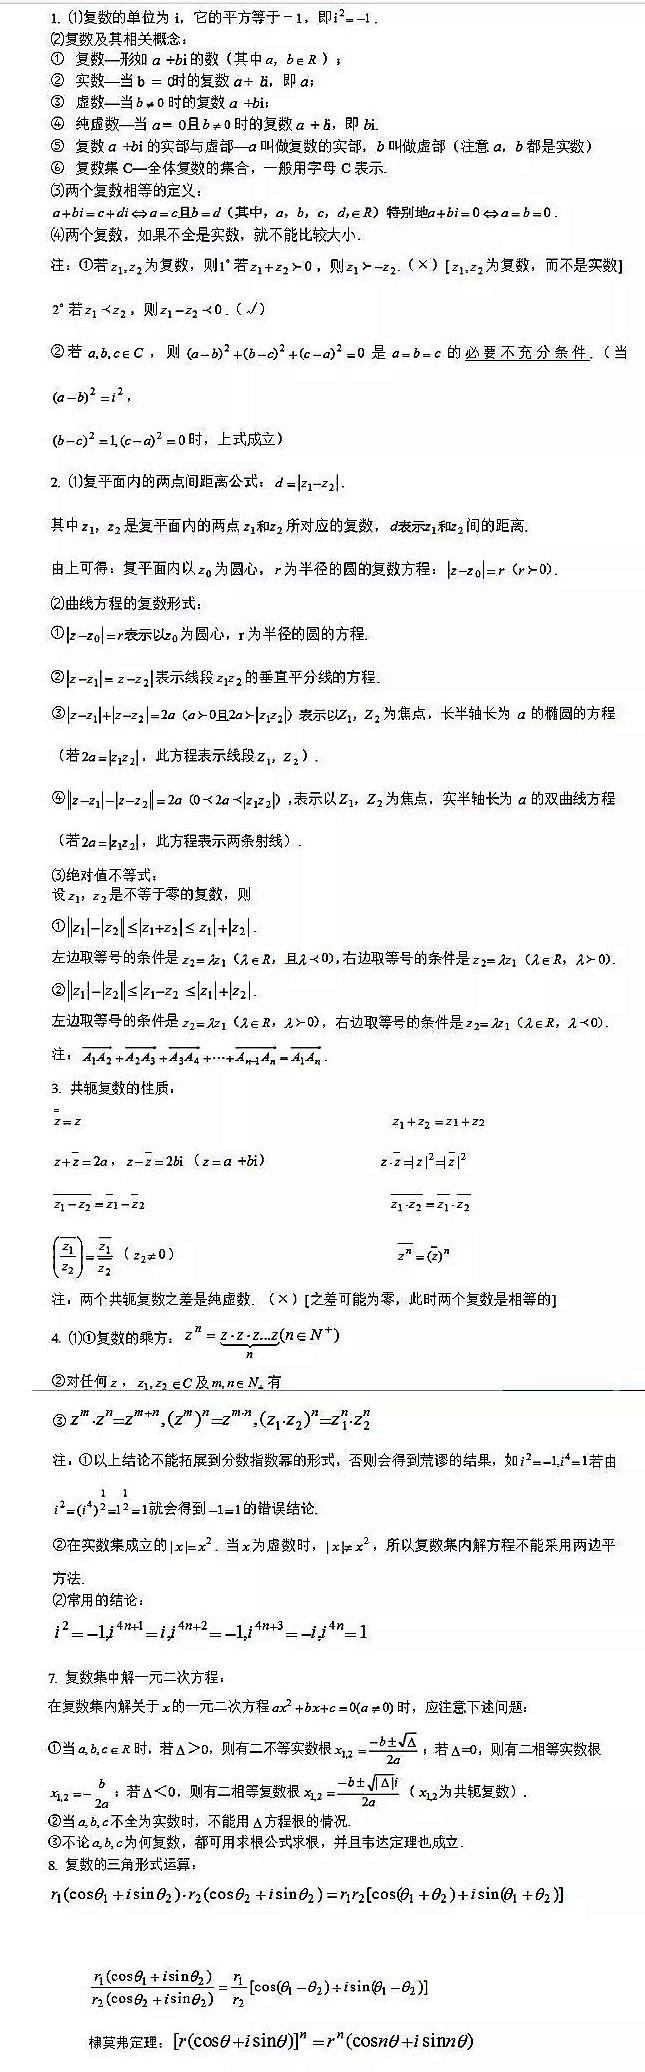 2018年高二数学知识点:复数